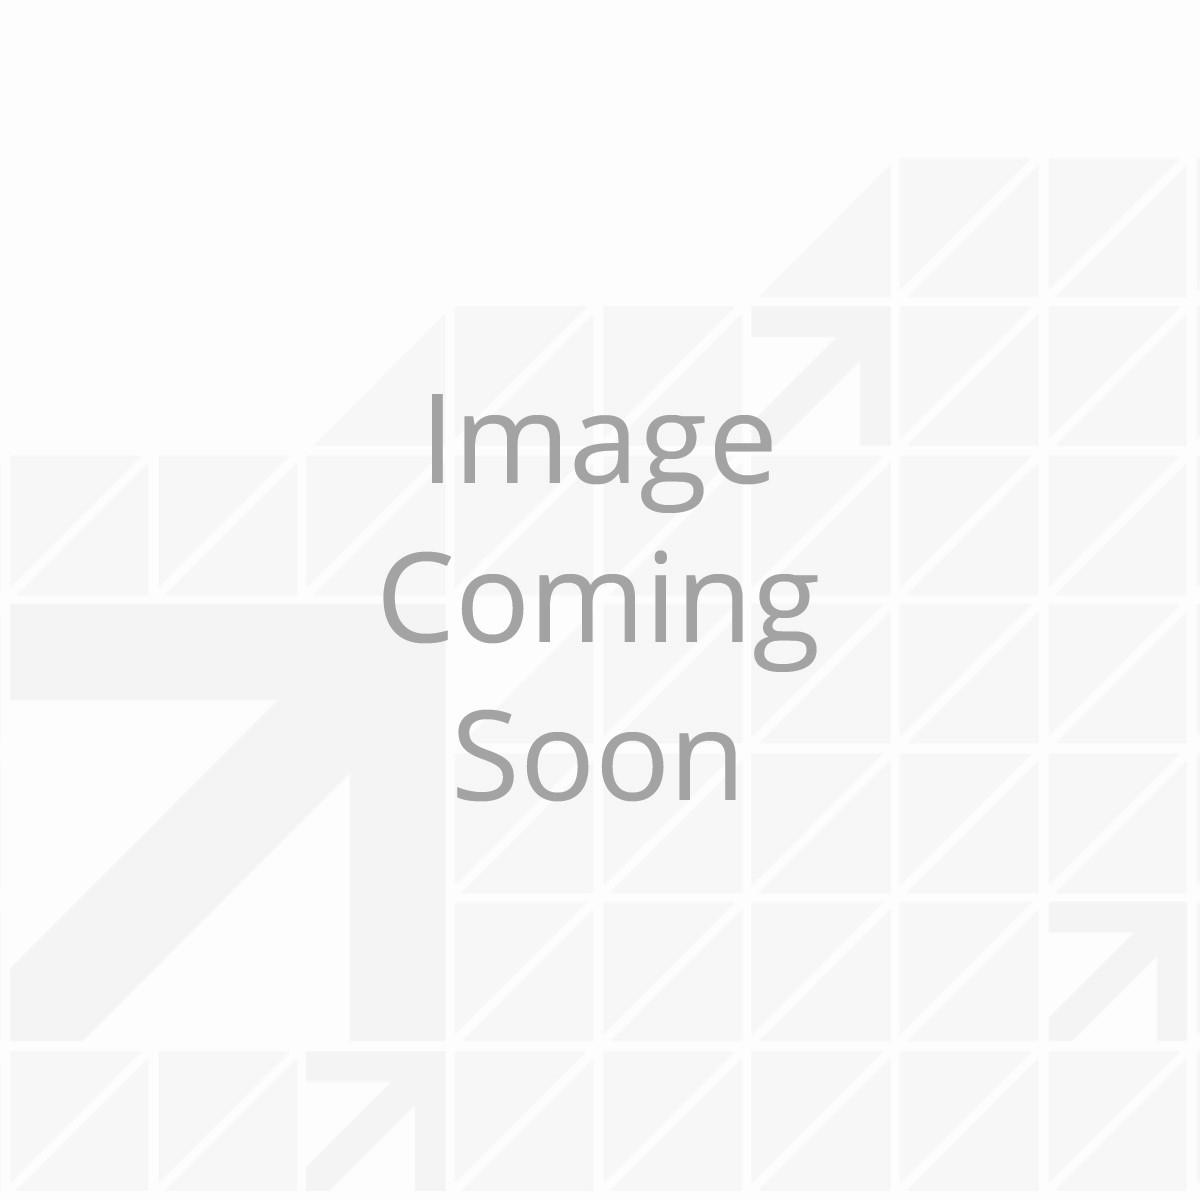 700052 - LG Footpad Kit - 001